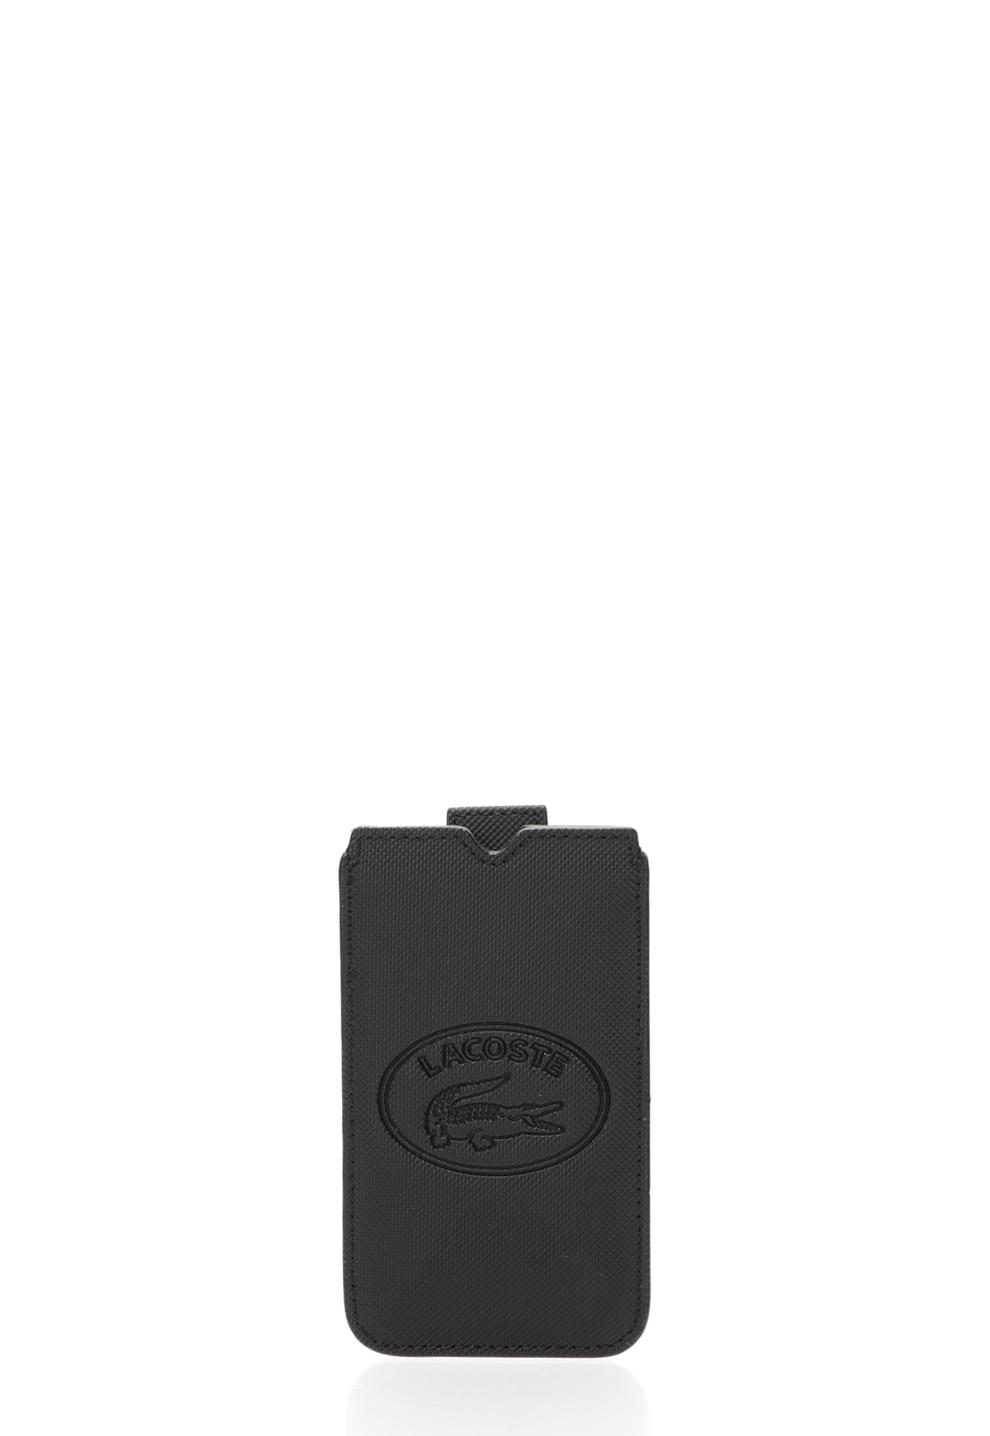 Fotografie Lacoste, Husa texturata neagra pentru iPhone, Negru